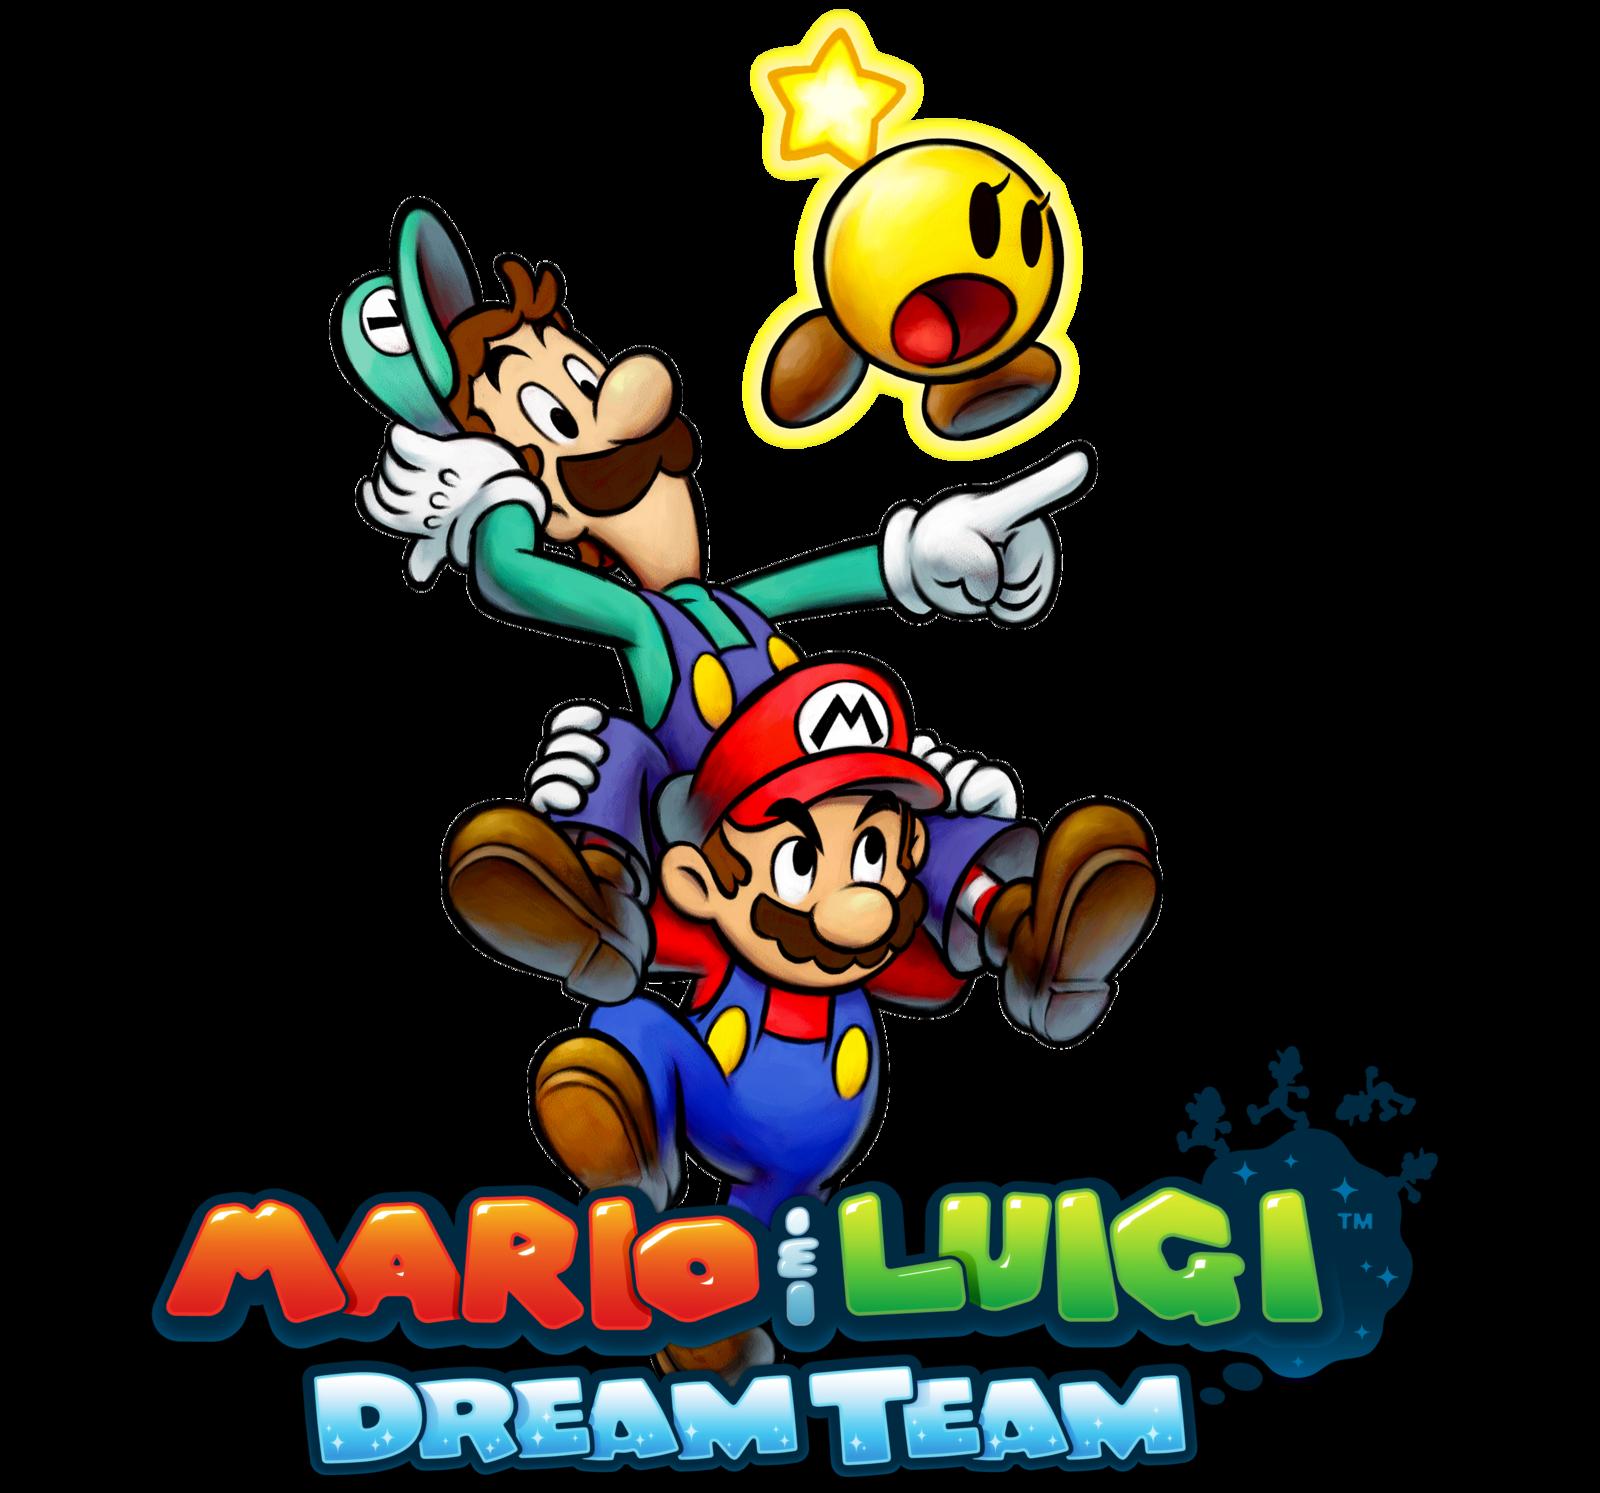 Games clipart team game. Mario and luigi dream